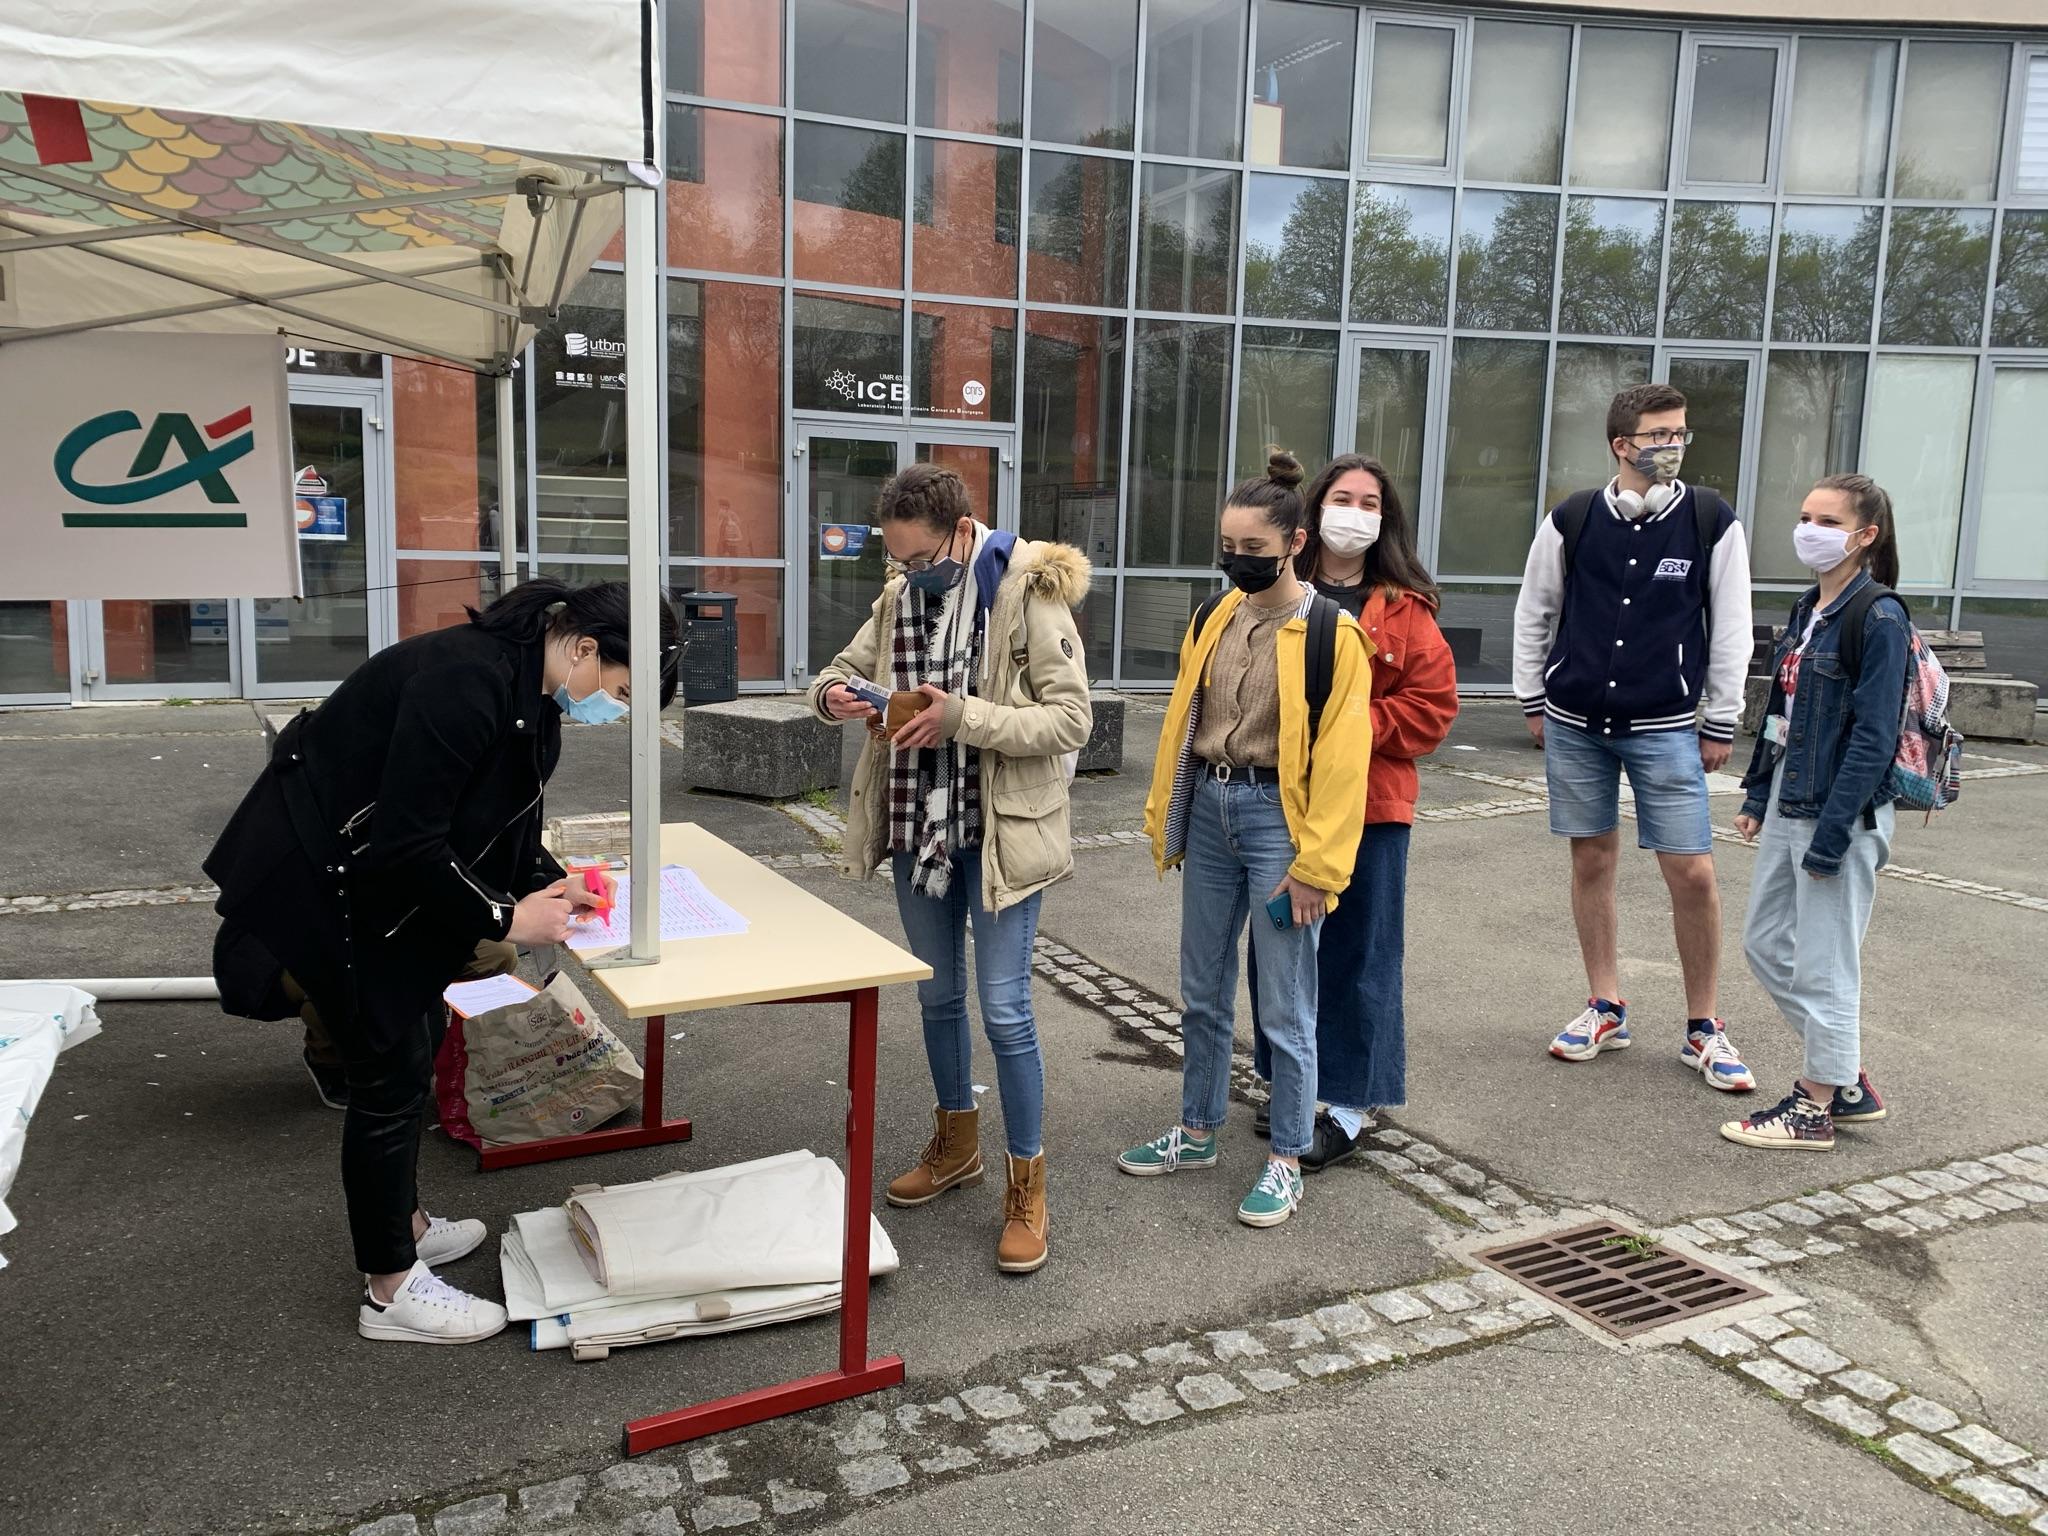 Gastronomie étudiant UTBM (Sihame Saay)Les Chefs Solidaires, collectif de chefs cuisiniers du Territoire de Belfort, ont lancé ce jeudi une nouvelle opération pour venir en aide aux étudiants du nord Franche-Comté. Ils ont distribué des paquets repas gastronomique, aux ingrédients 100 % locaux.